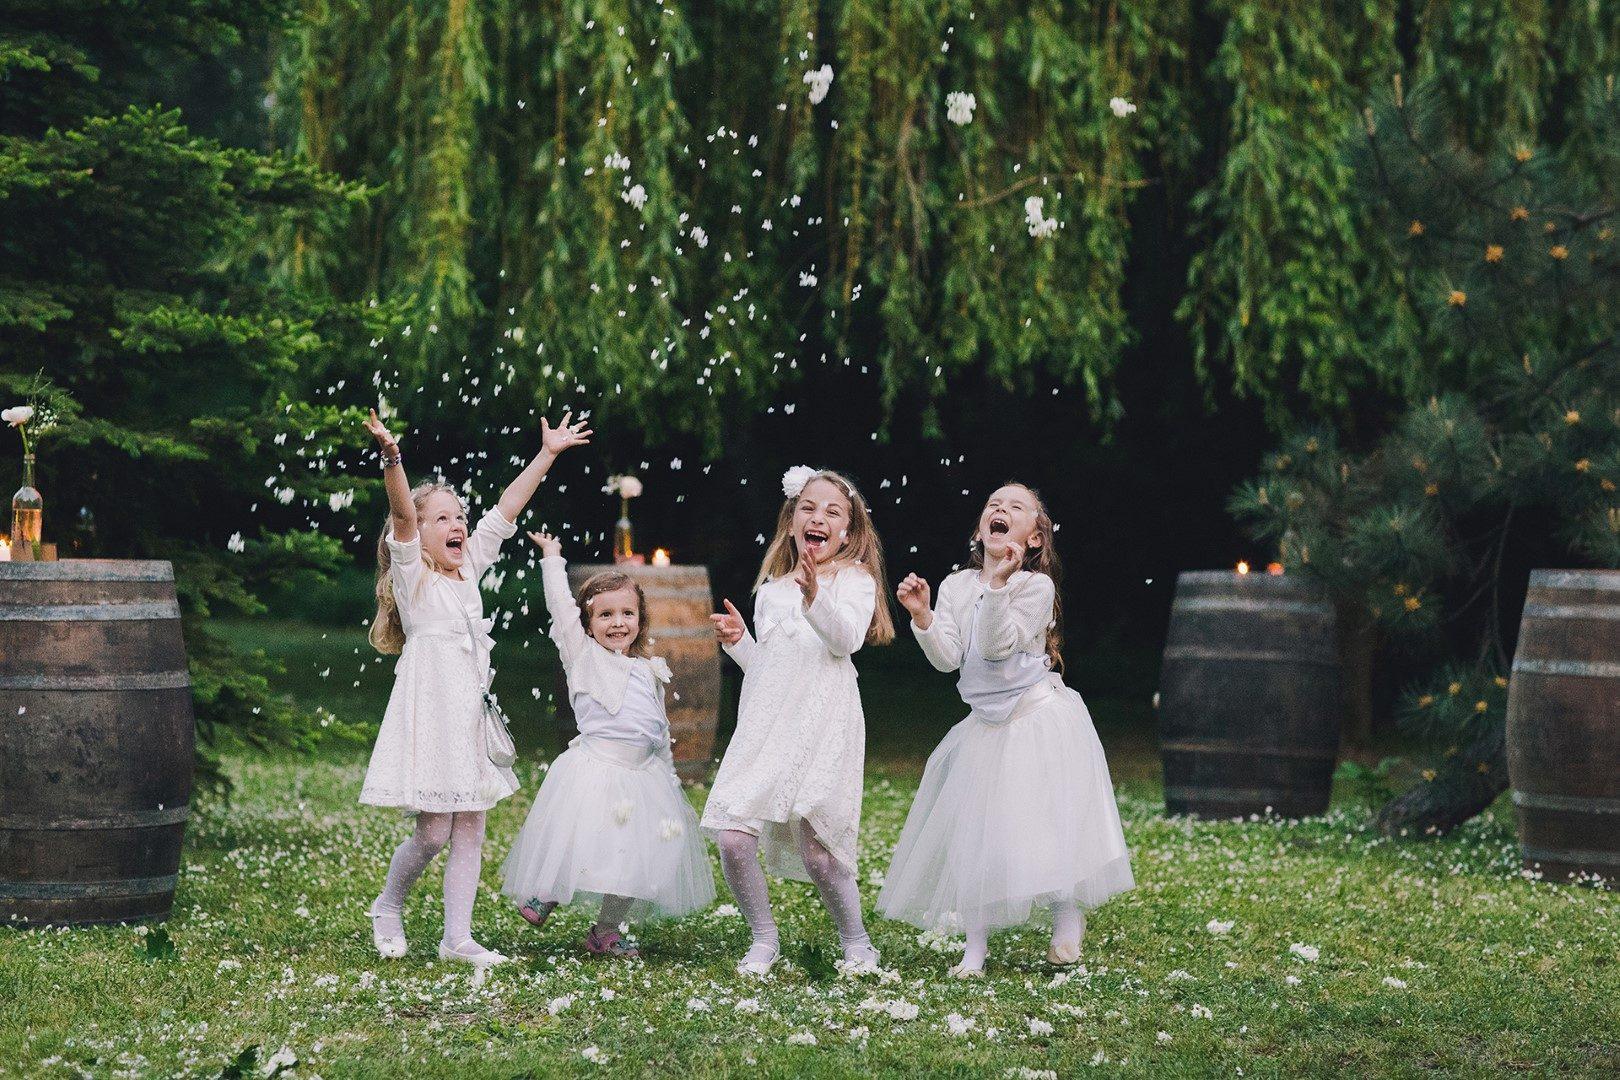 ,török bognár reni,esküvőfotós,esküvői fotós,esküvő,legjobb esküvői fotós,esküvői fotók,